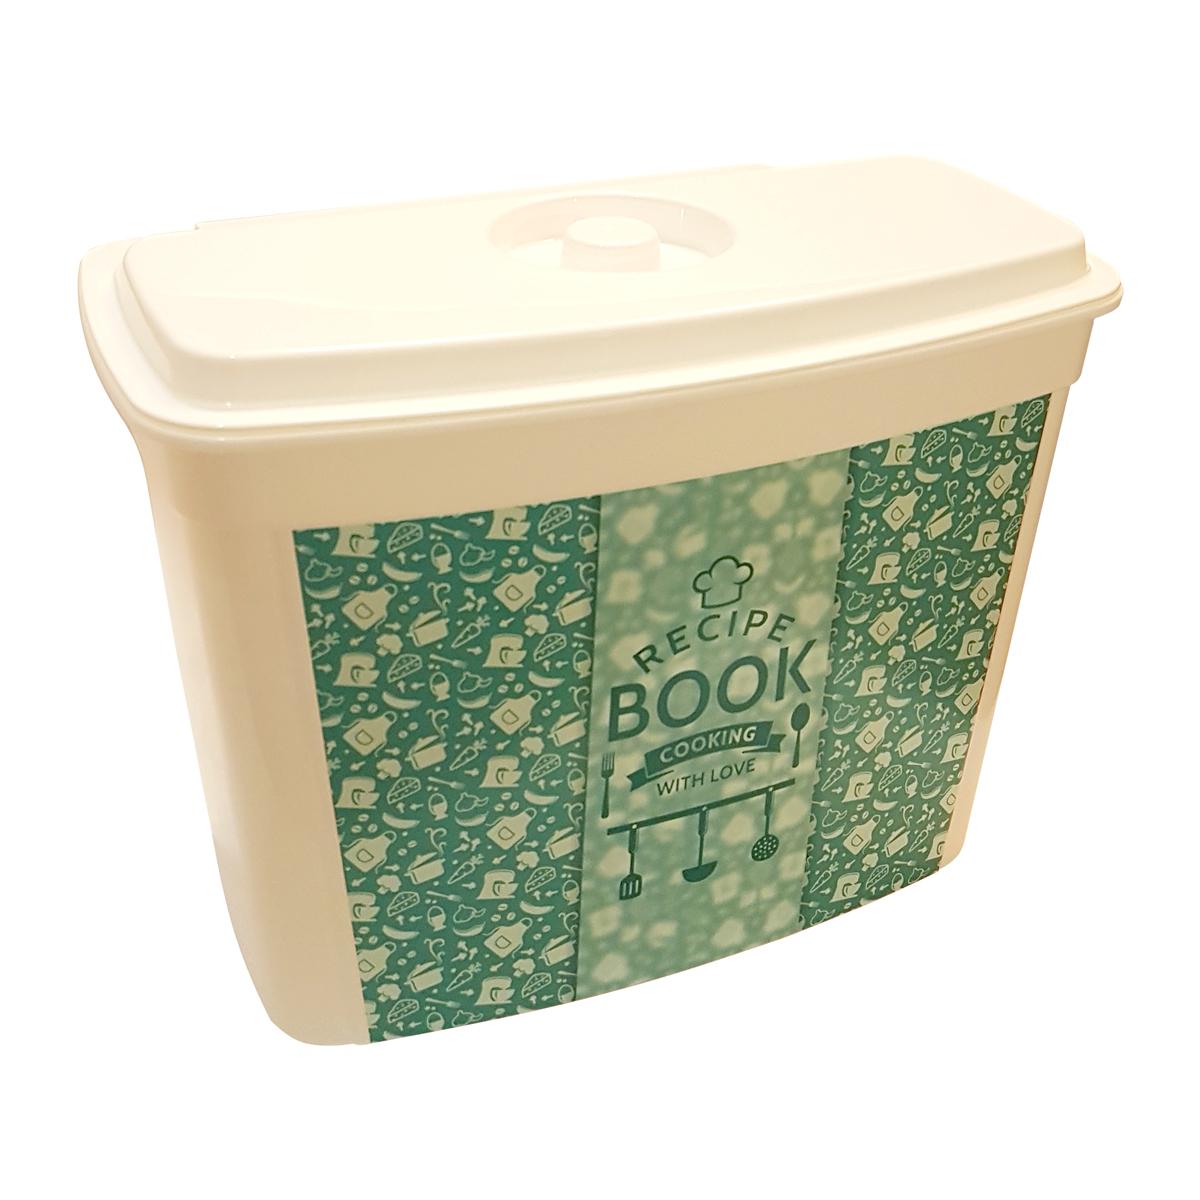 سطل زباله کابینتی هوبی لایف مدل بوک